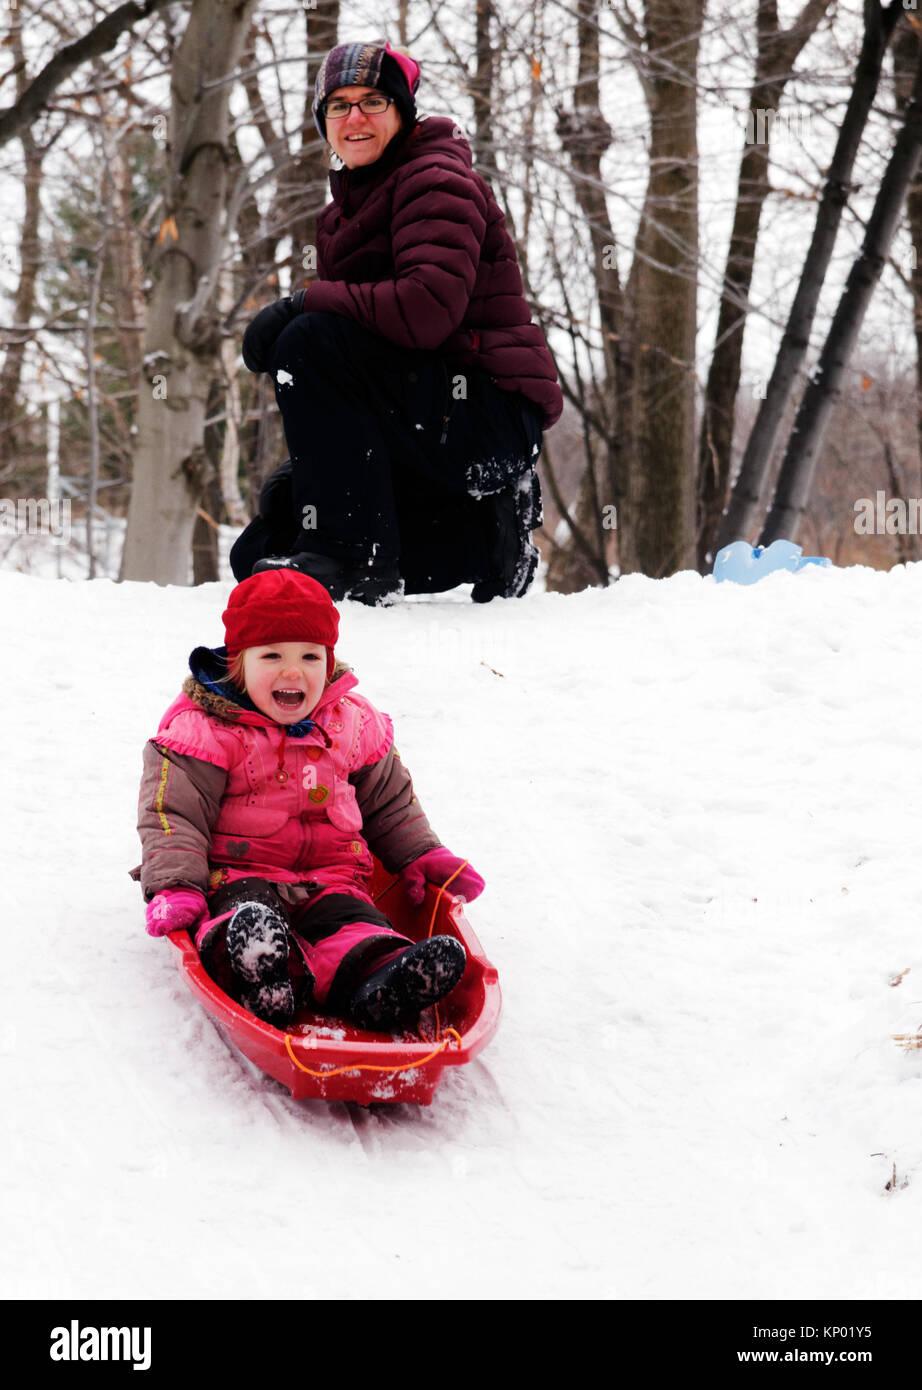 Una bambina (3 anni) in slittino Quebec, mentre la mamma si affaccia su Immagini Stock